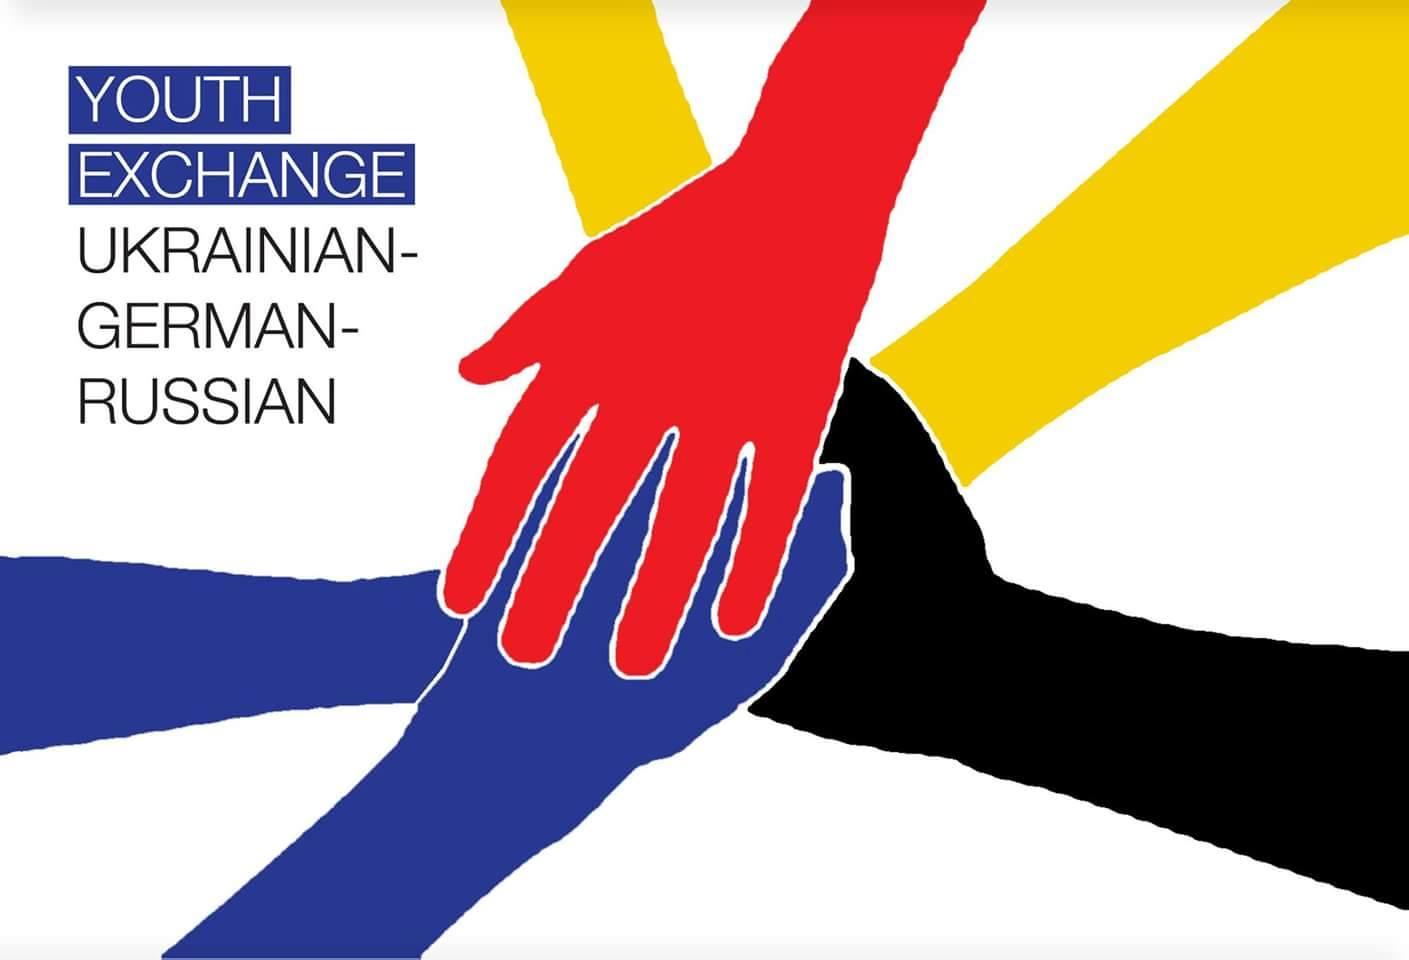 Осенью 2015 г. состоялся трехсторонний молодежный обмен Украина-Германия-Россия «Мы формируем будущее наших городов!»